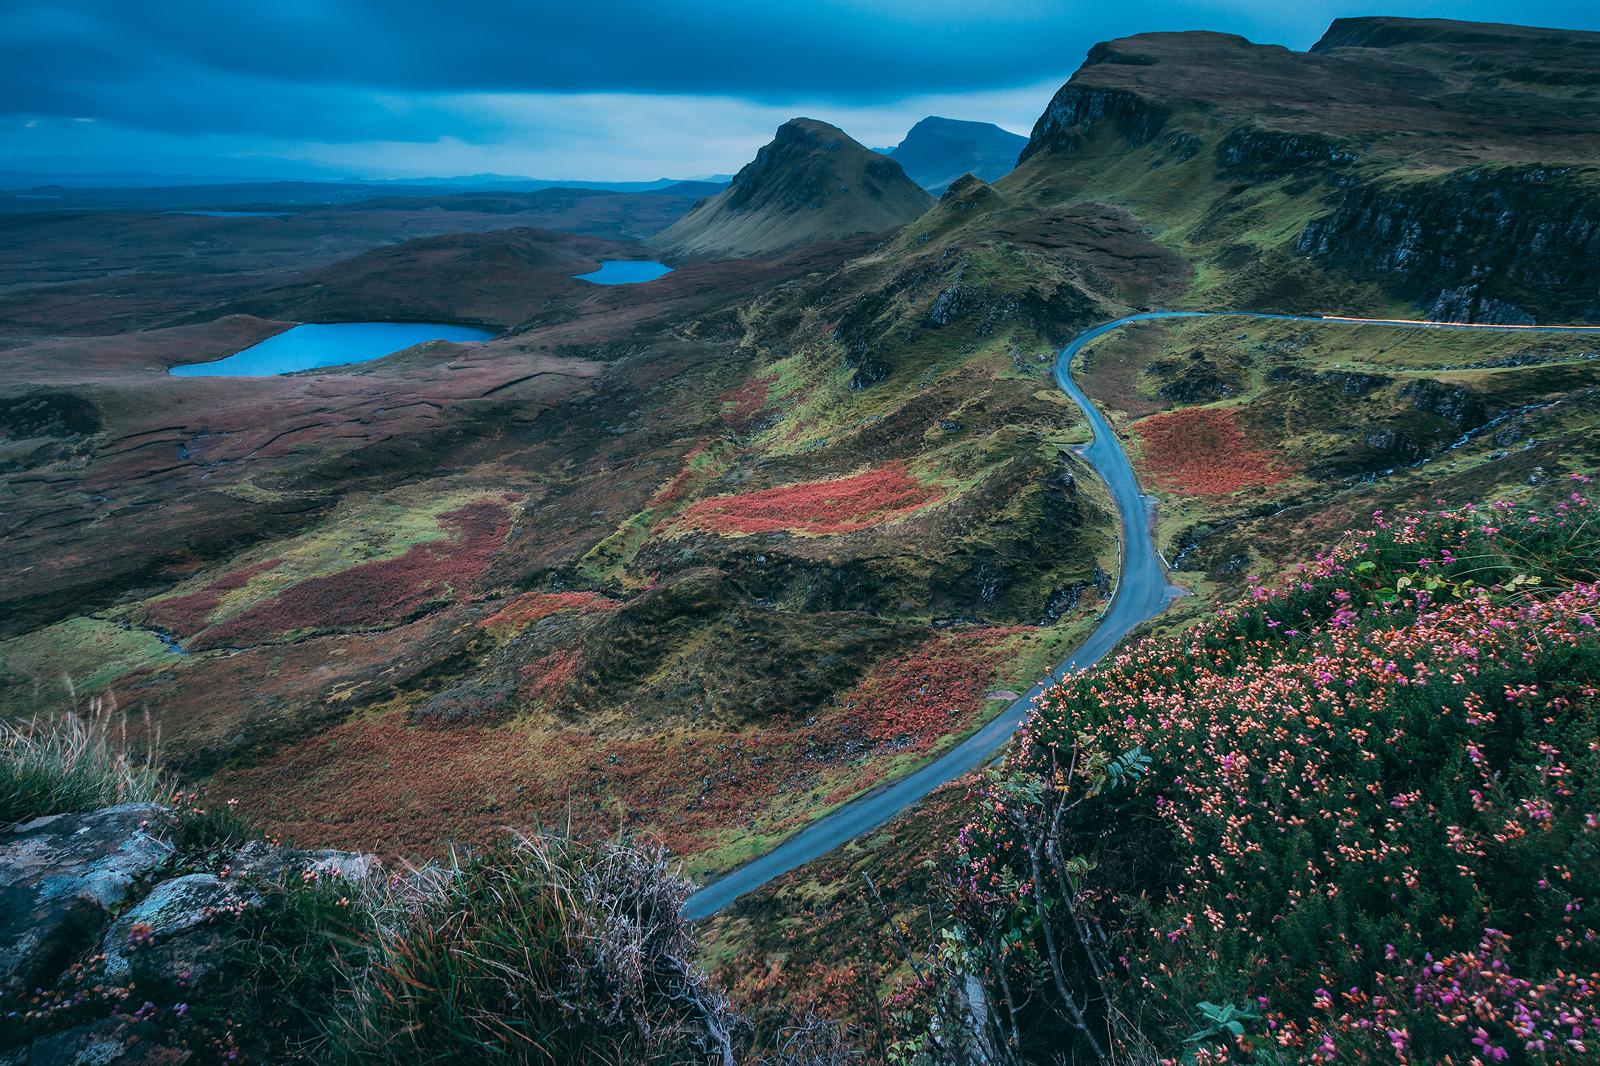 Jaworskyj-Fotoreise am Quirraing in Schottland